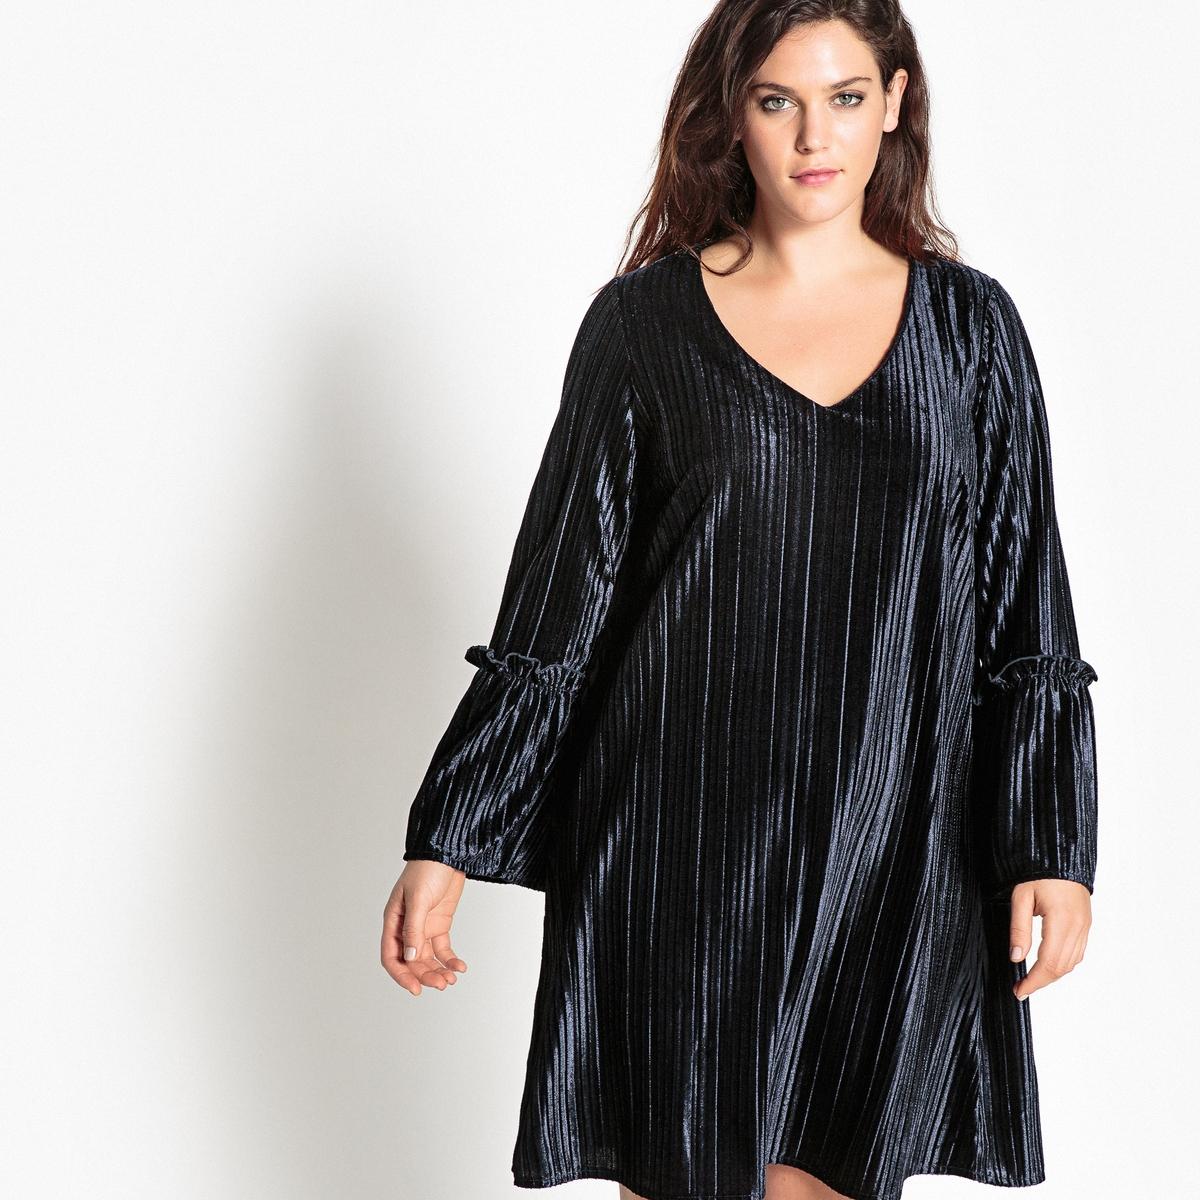 Платье расклешённое из велюраОписание:Этой зимой велюр снова в моде . Невероятно модное расклешенное платье из велюрового трикотажа с плиссировкой . Это велюровое платье - просто верх элегантности .Детали   •  Форма : с плиссировкой •  Длина ниже колен •  Длинные рукава    •   V-образный вырезСостав и уход •  5% эластана, 95% полиэстера  •  Температура стирки 30° •  Гладить при низкой температуре / не отбеливать •  Не использовать барабанную сушку   • Сухая чистка запрещена   Товар из коллекции больших размеров •  Длина : 100 см.<br><br>Цвет: синий морской<br>Размер: 42 (FR) - 48 (RUS).50 (FR) - 56 (RUS).44 (FR) - 50 (RUS)